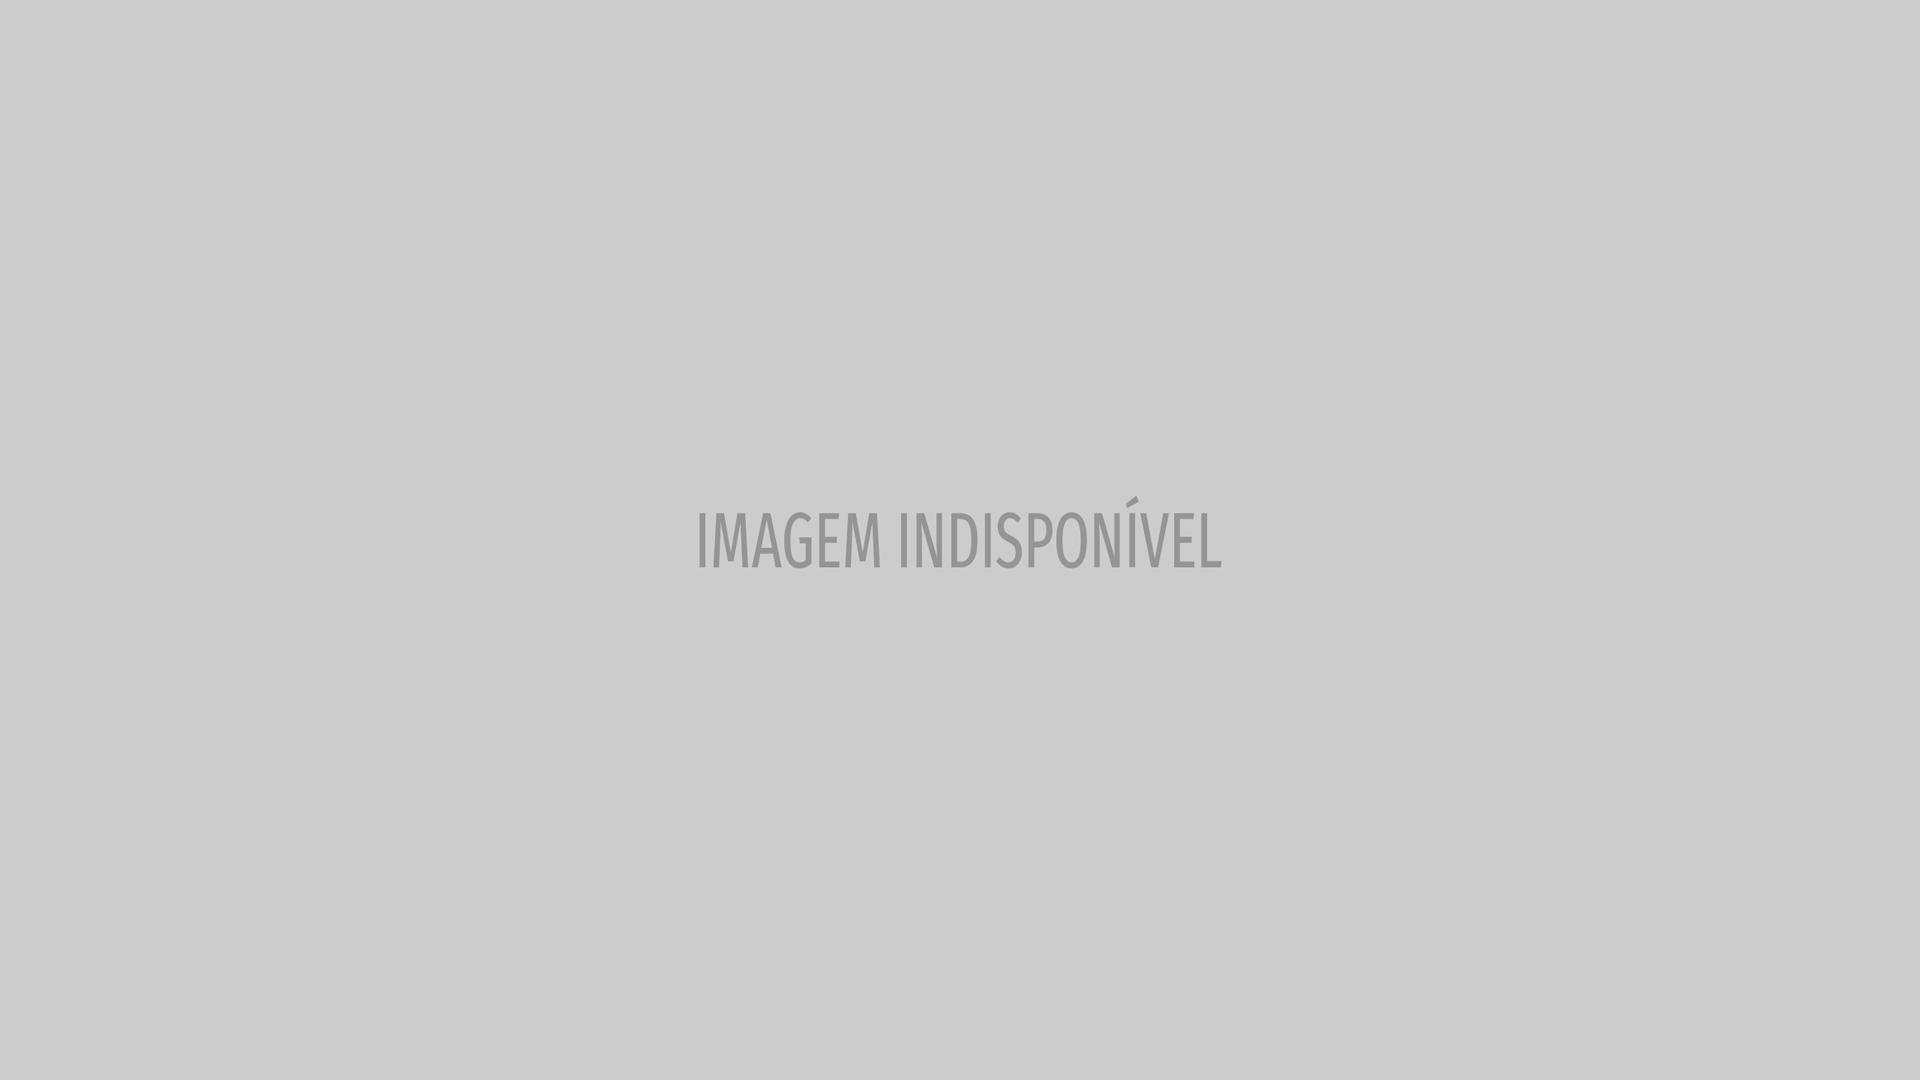 Filha de Marielle Franco tatua o rosto da mãe no braço